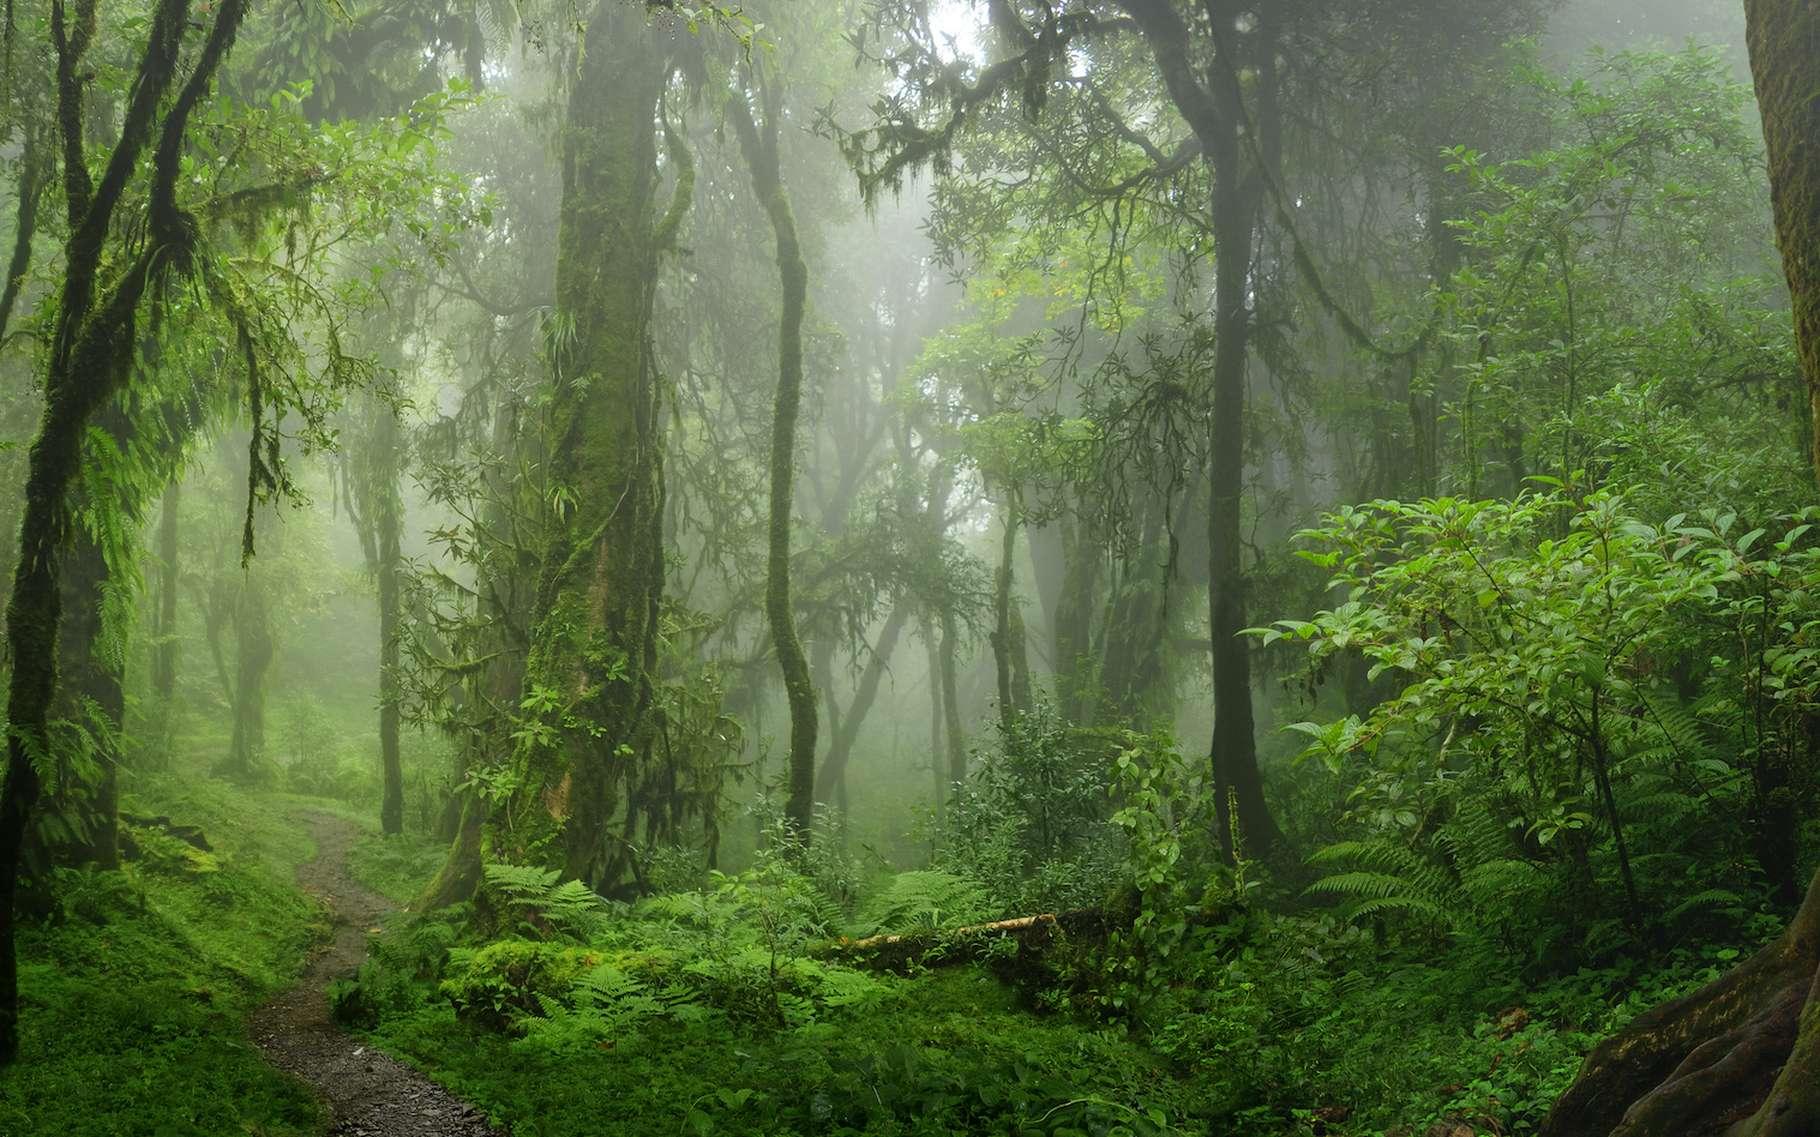 Selon les chercheurs, chaque seconde, c'est l'équivalent d'un terrain de foot de forêt tropicale humide qui disparaît. © quickshooting, Adobe Stock